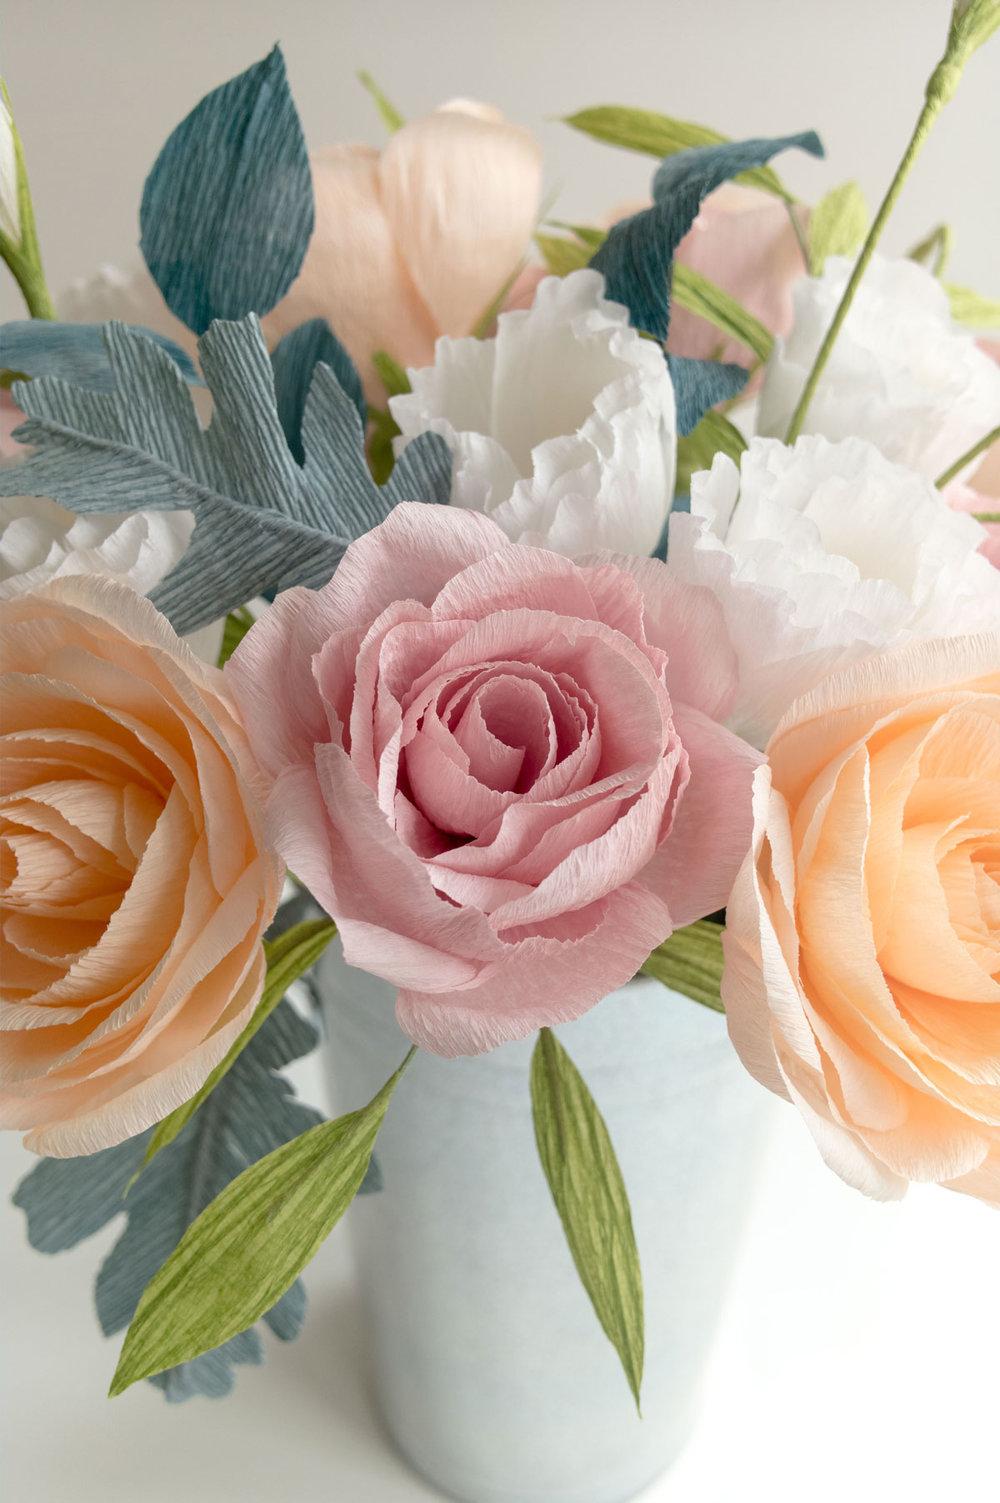 PaperRoseCo_Garrett_Flowers_2_lr.jpg